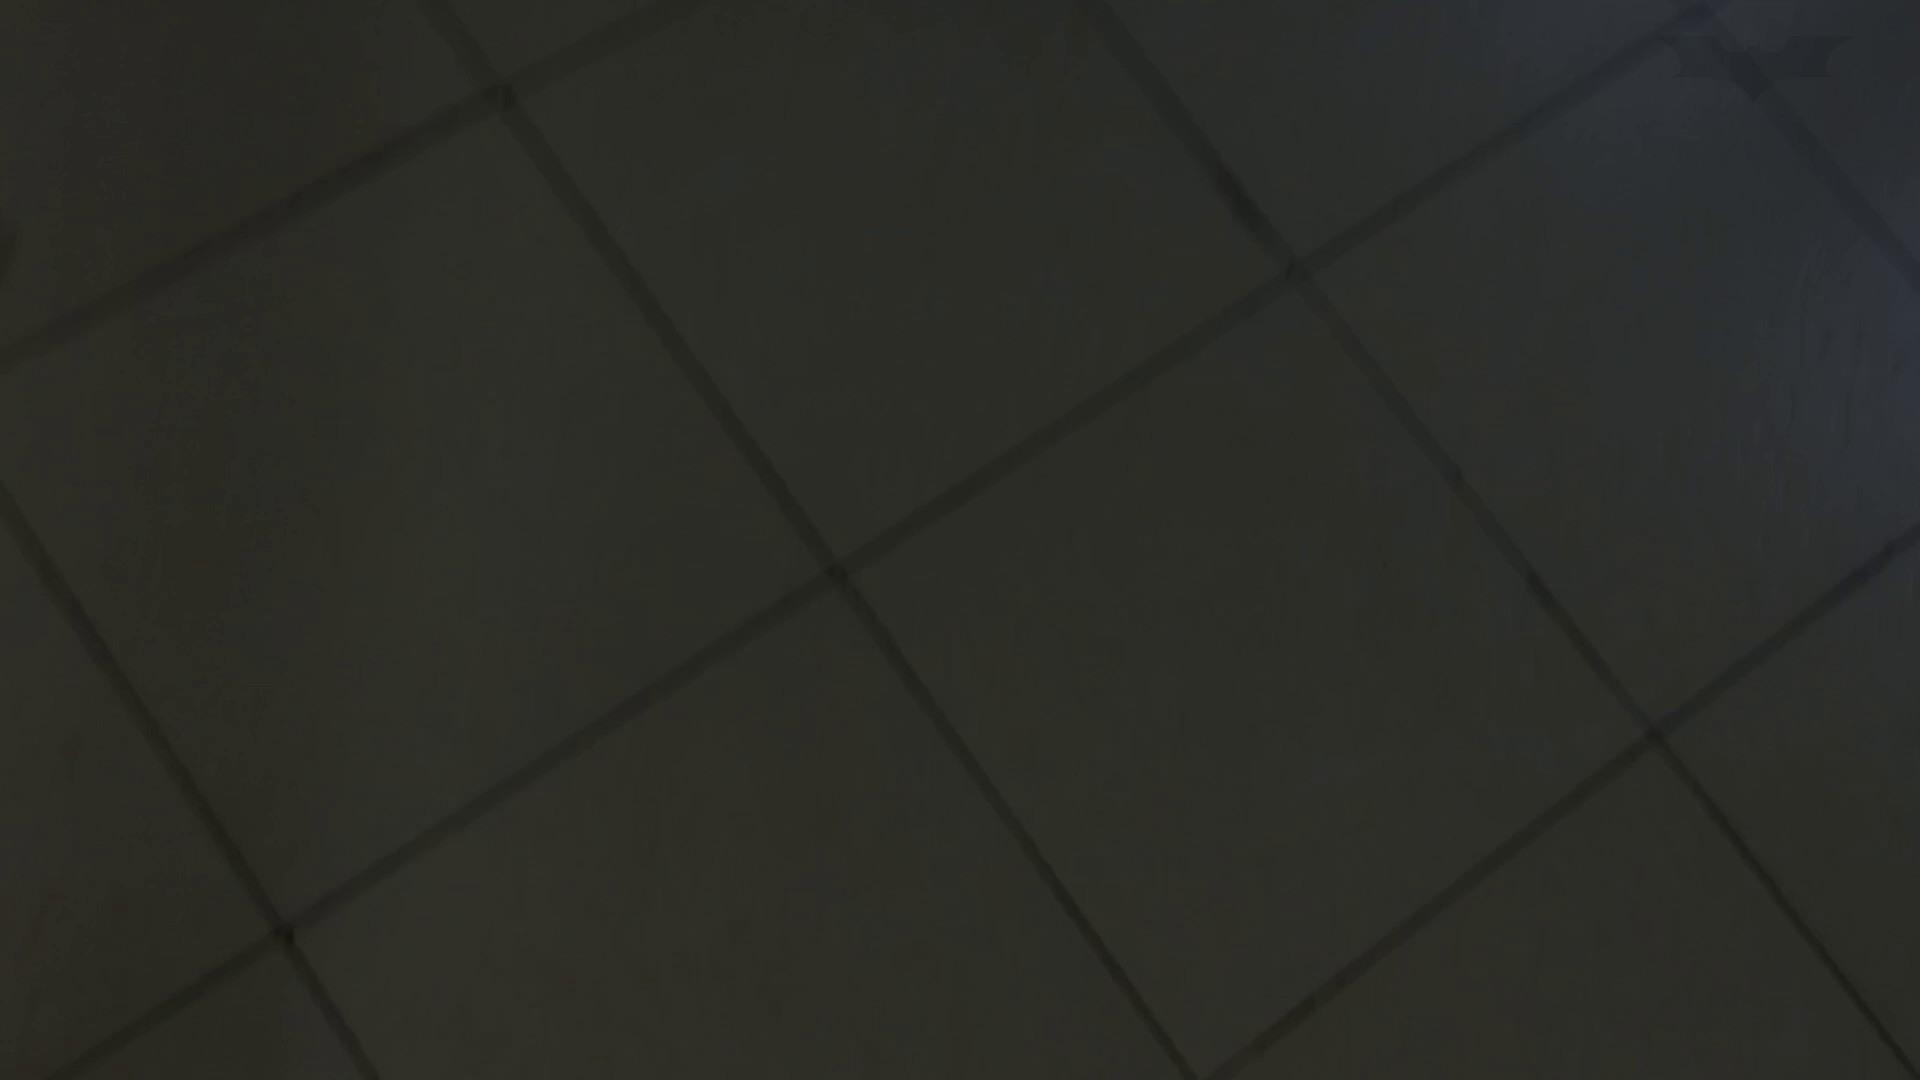 芸術大学ガチ潜入盗撮 JD盗撮 美女の洗面所の秘密 Vol.91 洗面所着替え | トイレ中  48連発 5